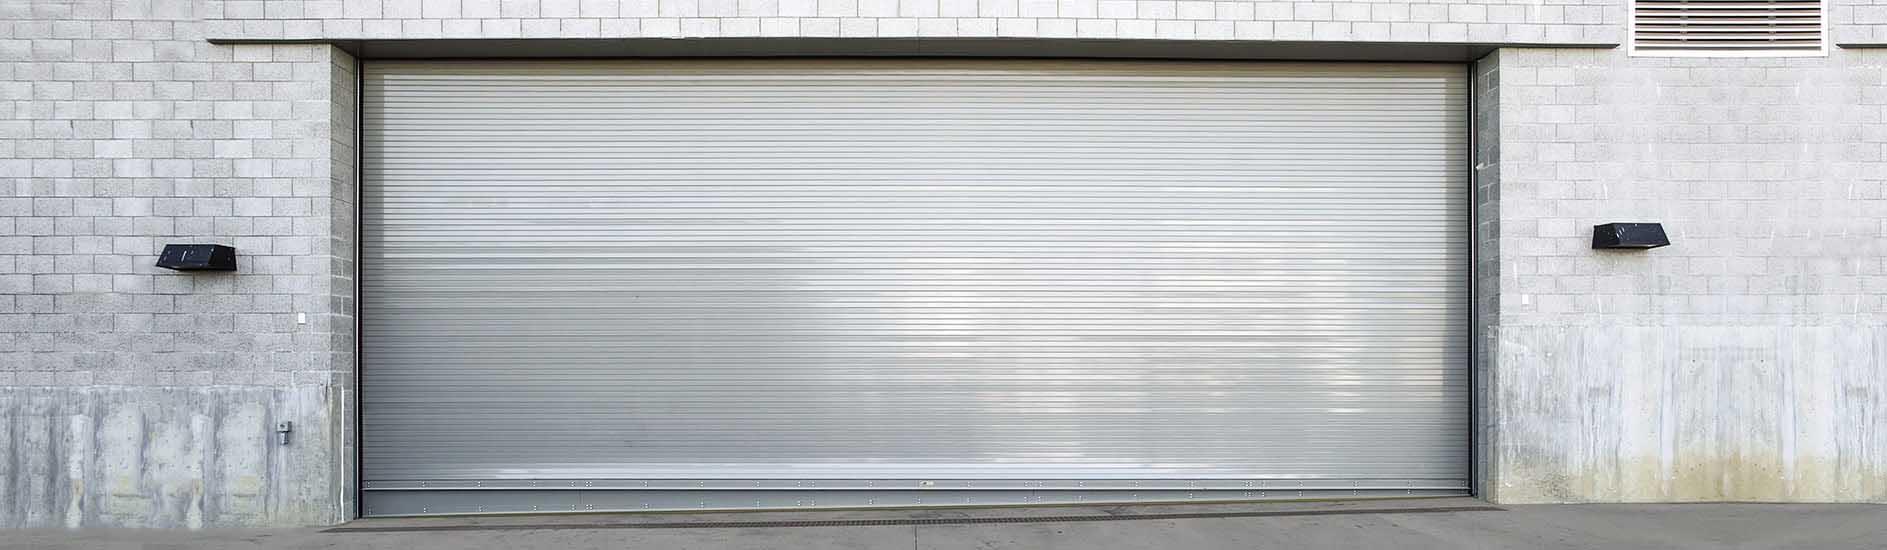 Rolling Steel Doors Industrial And, Commercial Steel Roll Up Garage Doors